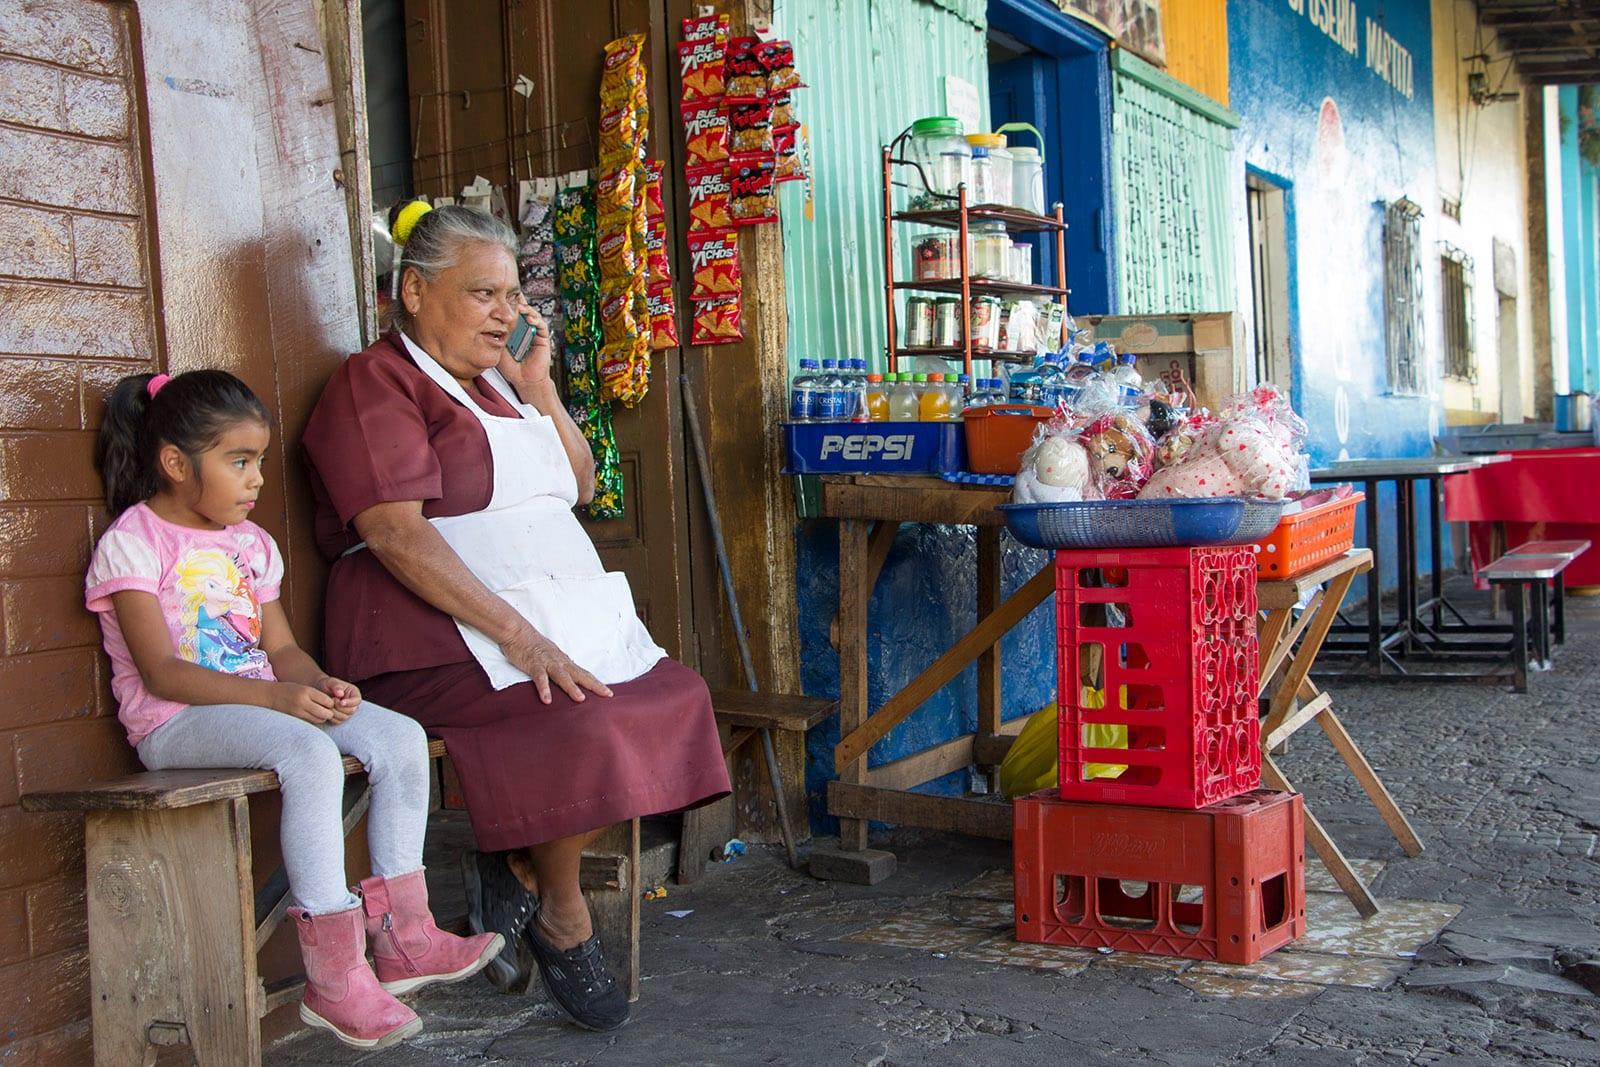 El Salvador Urlaub einen Besuch in Berlin sollte man als Deutscher auf jeden Fall einplanen